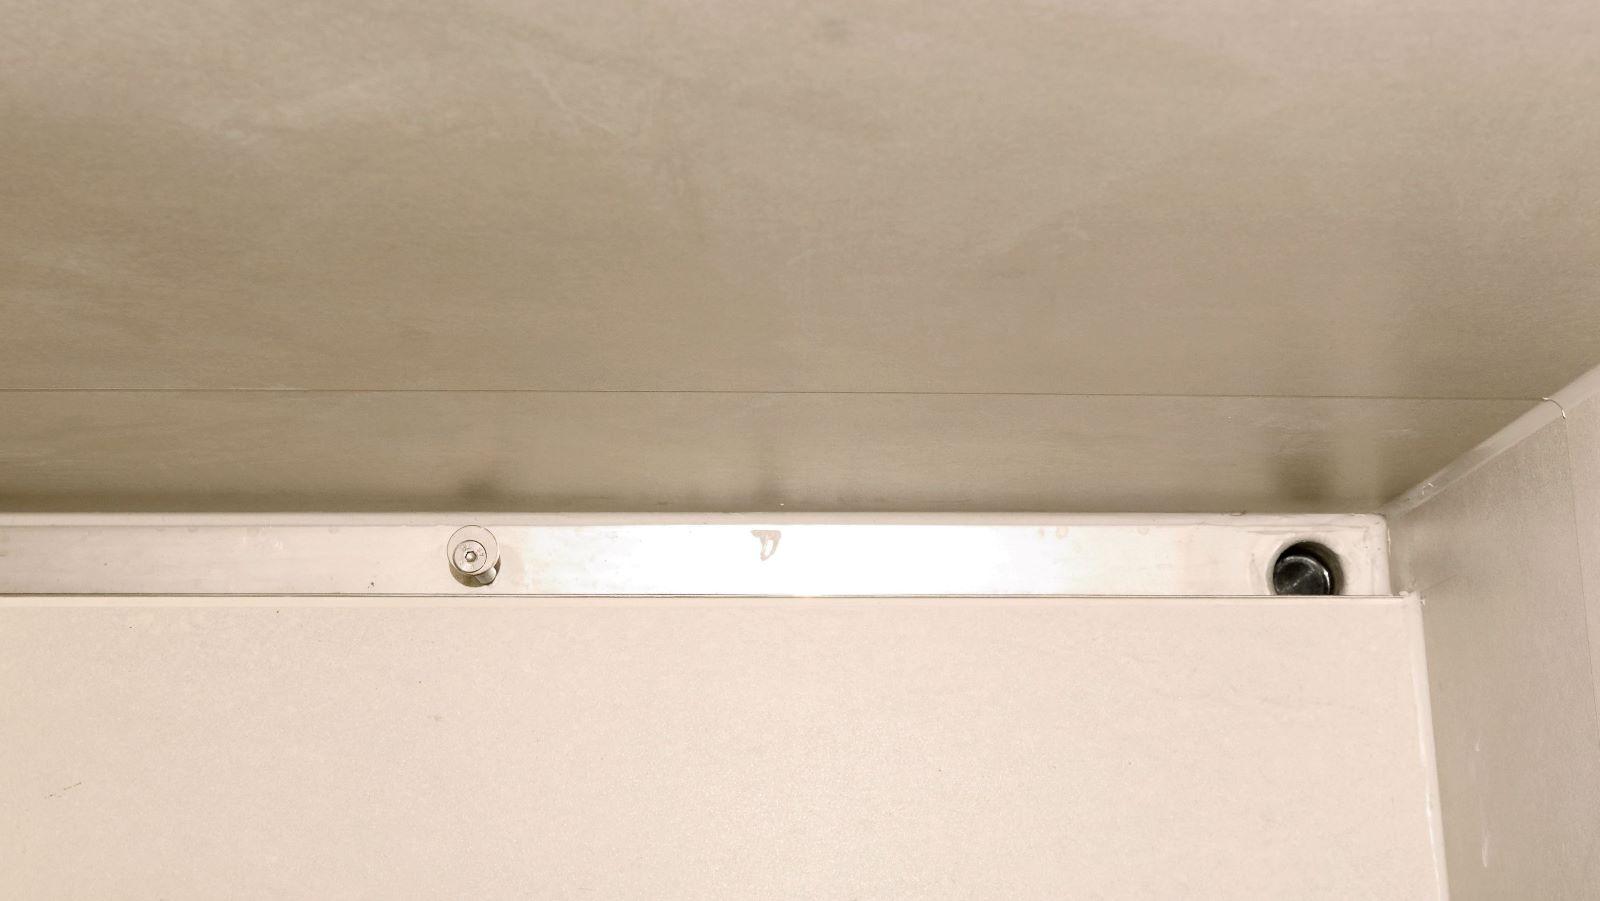 Extra lange, massgefertigte, hochwertige, pflegeleichte v4a edelstahl-duschrinne pro, hier wandbuendig eingebaut in reihendusche im sanitaerbereich. Die sehr hohe ablaufleistung und die freie konfigurierbarkeit des abflusses ermoeglichen eine optimale duschplanung. Hier ist der seitenablauf der flachen duschrinne pro von vorteil. Der ablauf muendet direkt in ein bestehendes abflussrohr.